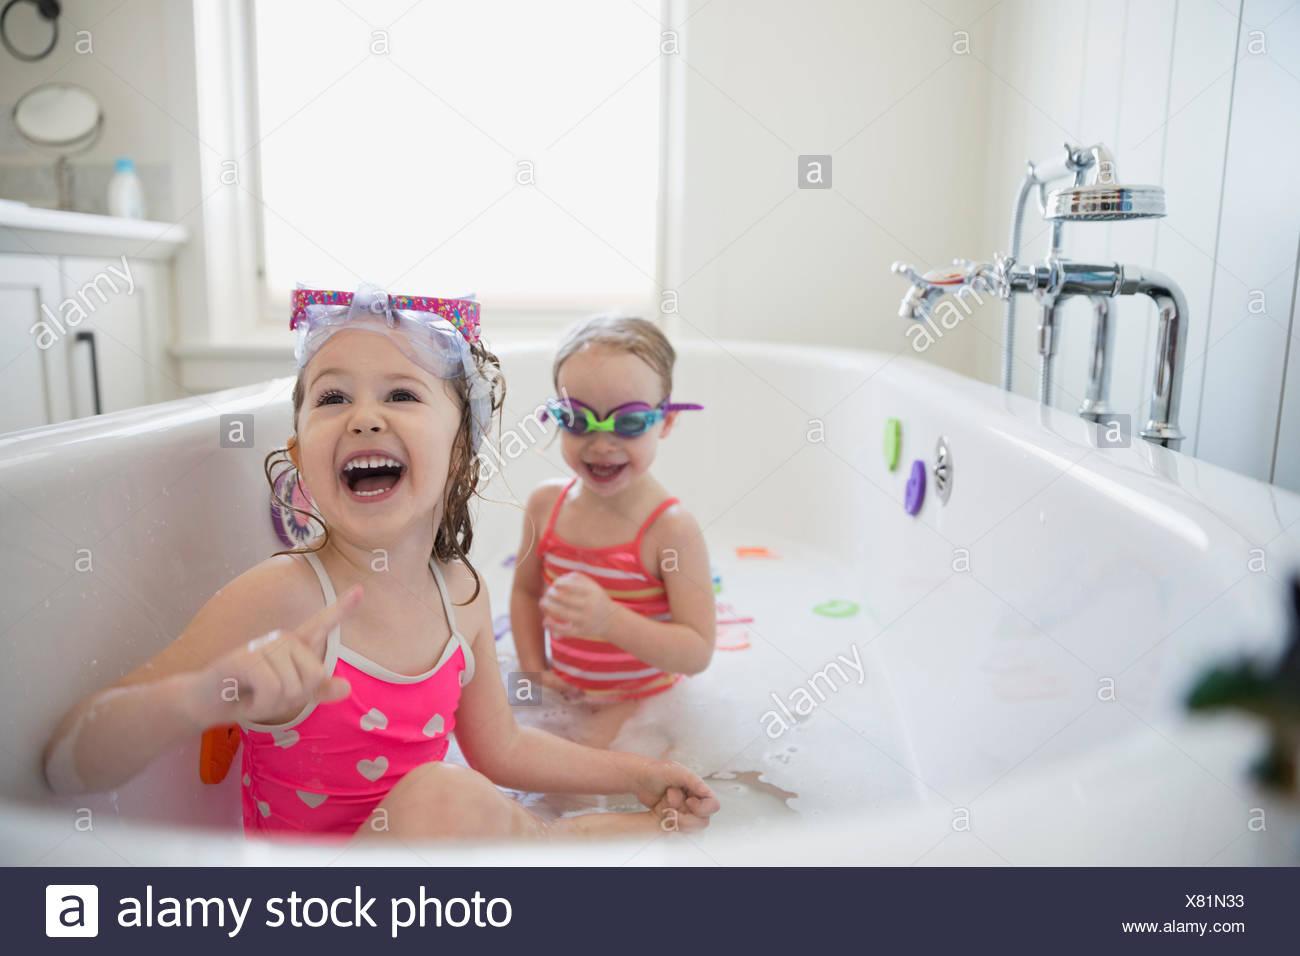 Bubble Bath Stock Photos Amp Bubble Bath Stock Images Alamy